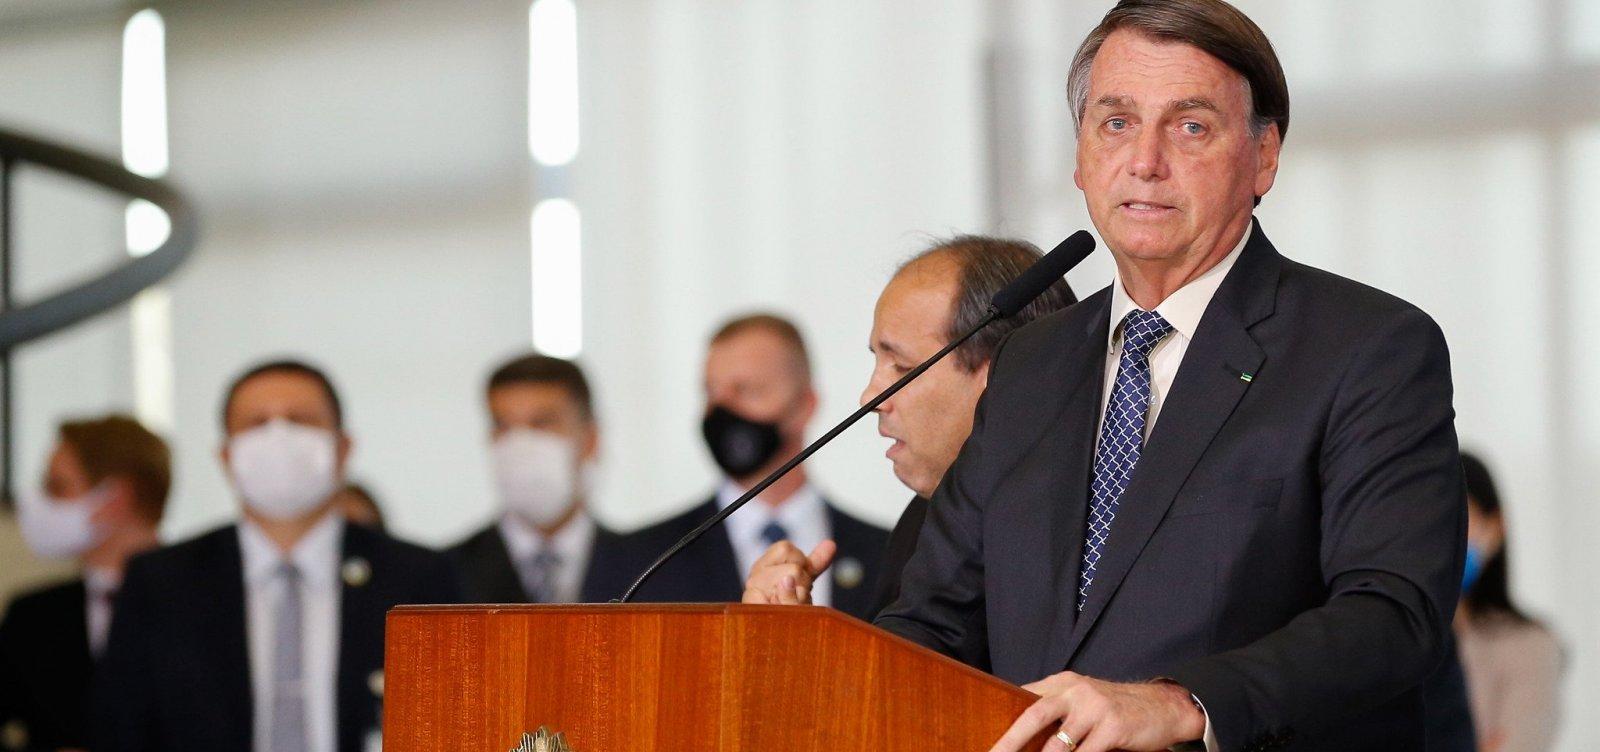 'Não vi no mundo quem enfrentou a pandemia melhor do que nosso governo', diz Bolsonaro